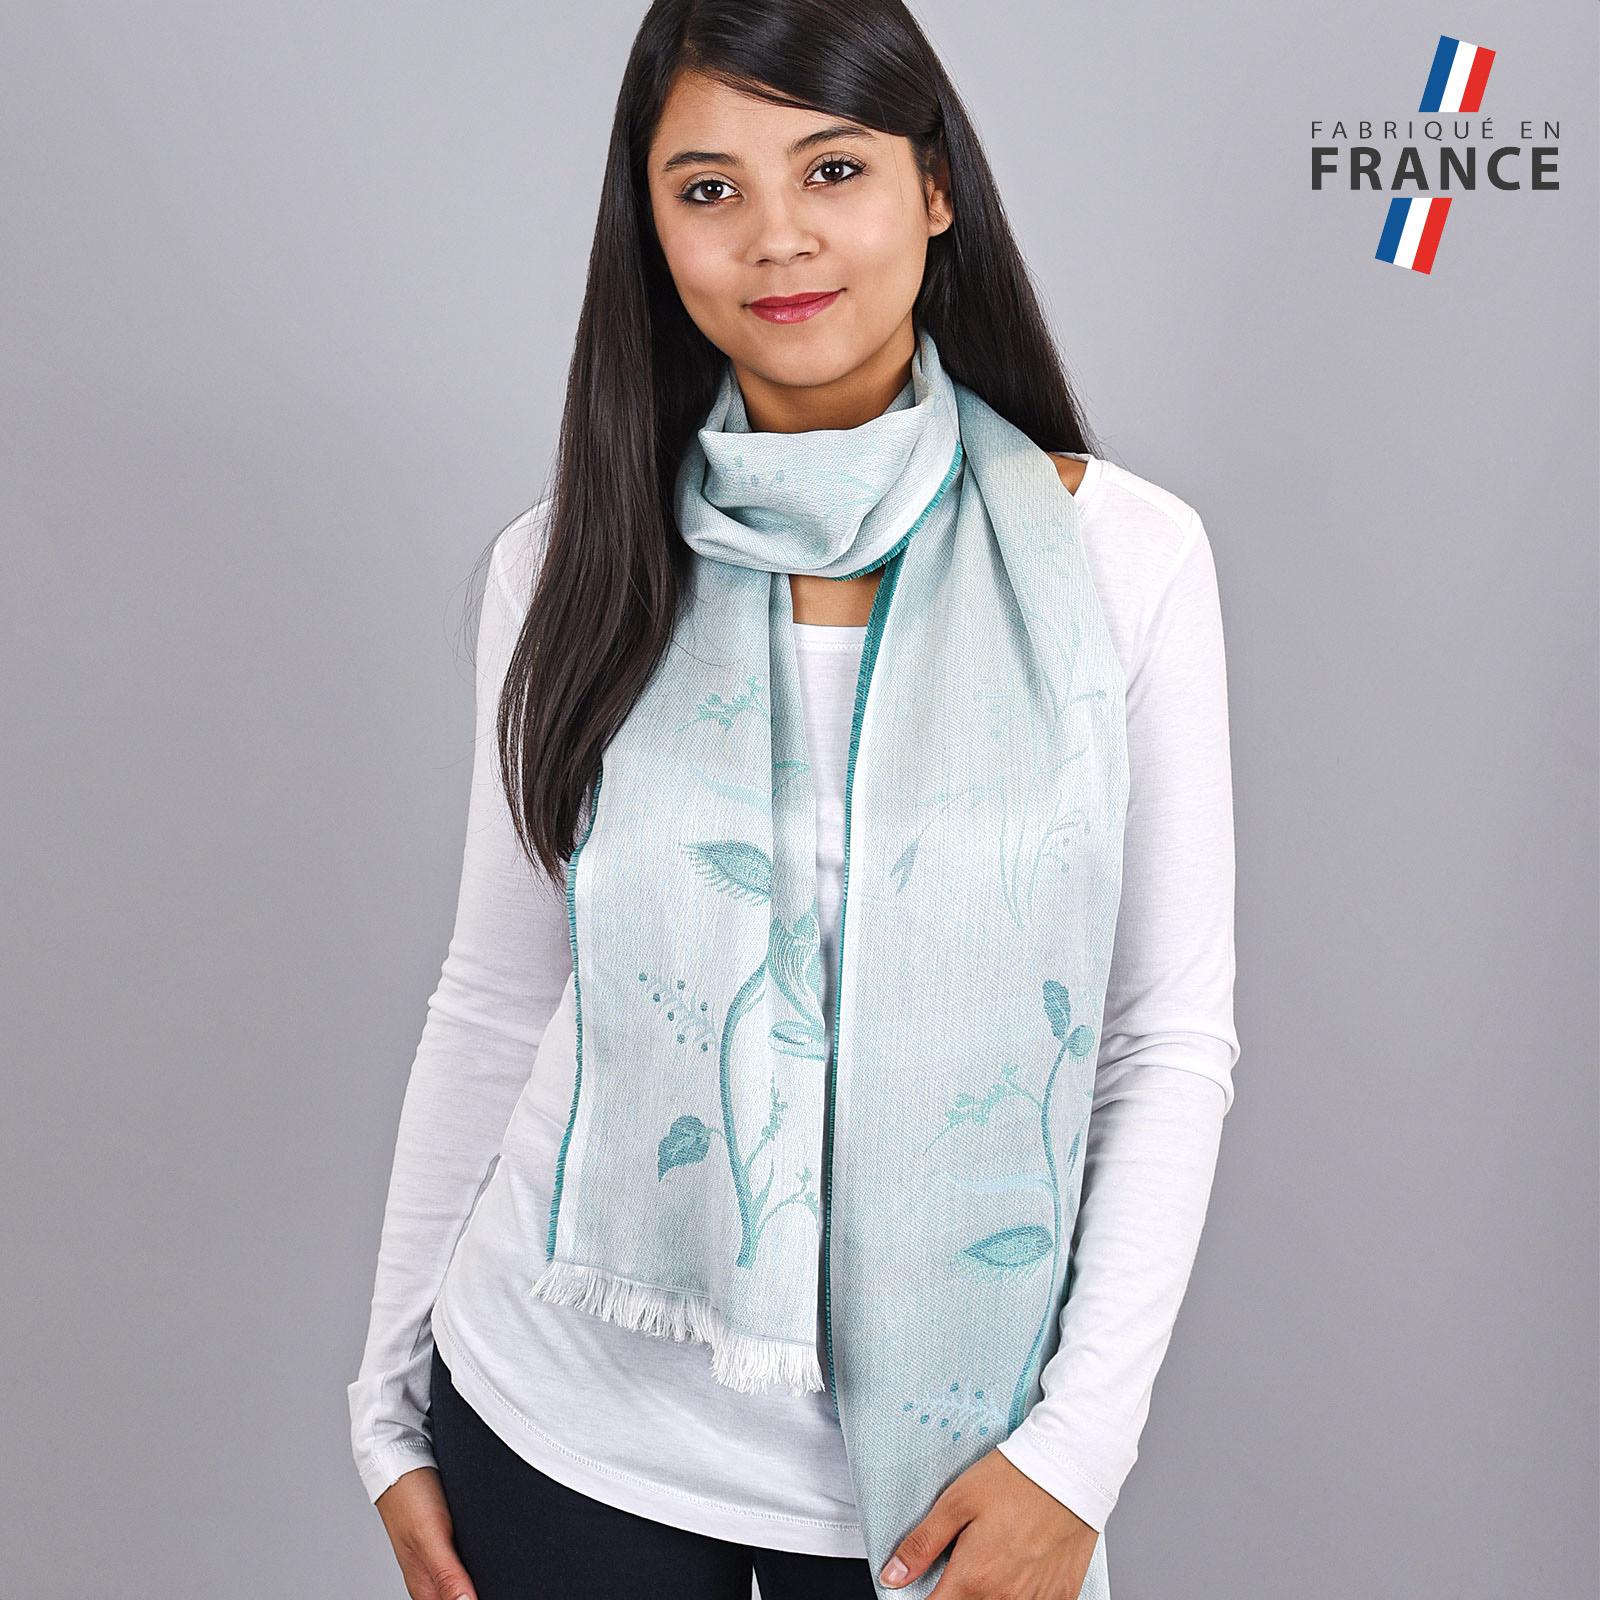 AT-04186-VF16-LB_FR-echarpe-legere-vert-opaline-qualicoq-fabrique-france